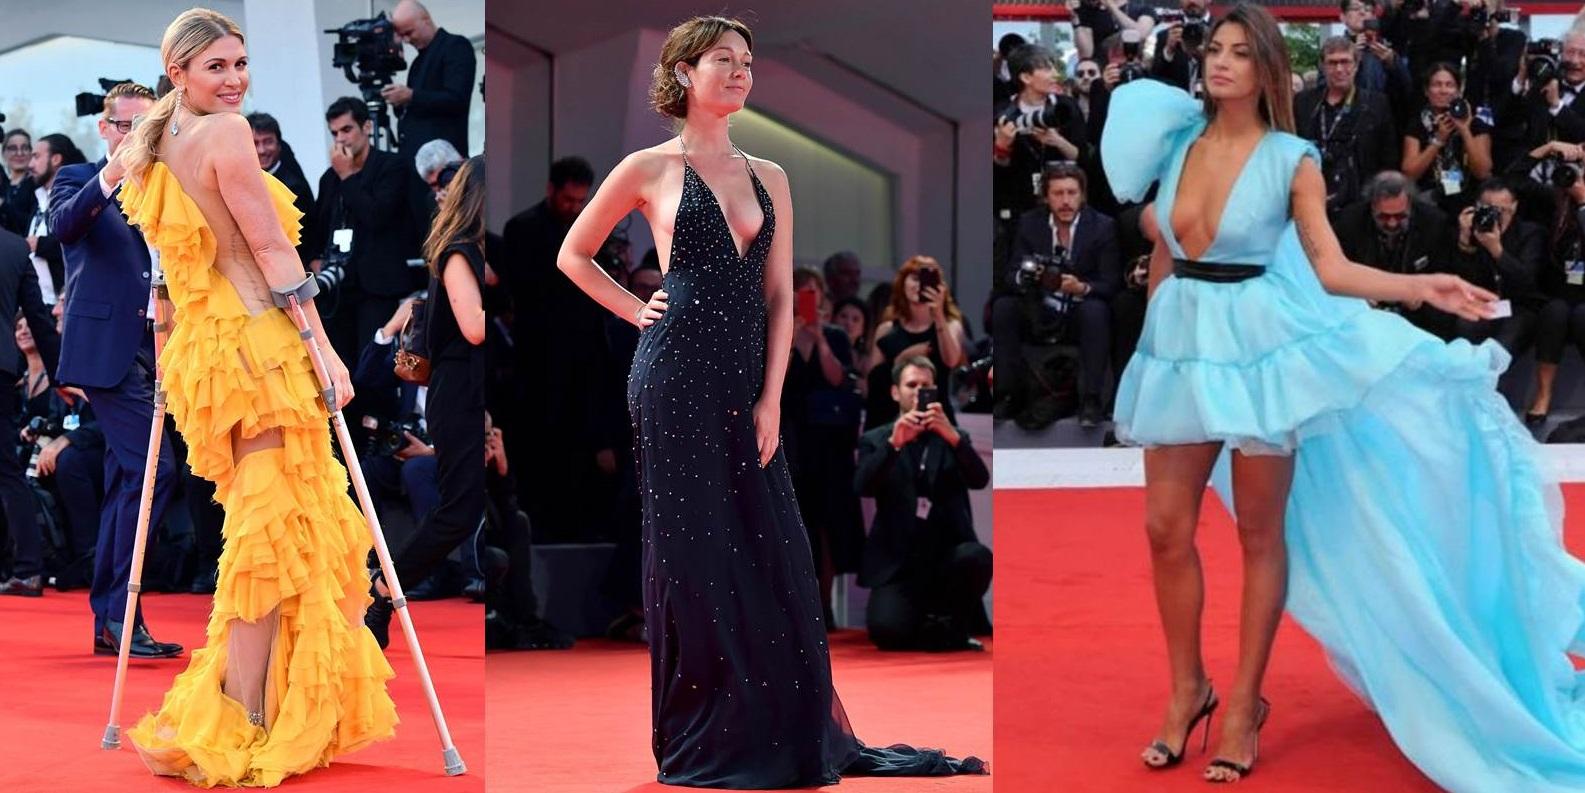 Festival del Cinema di Venezia: i look che fanno scandalo